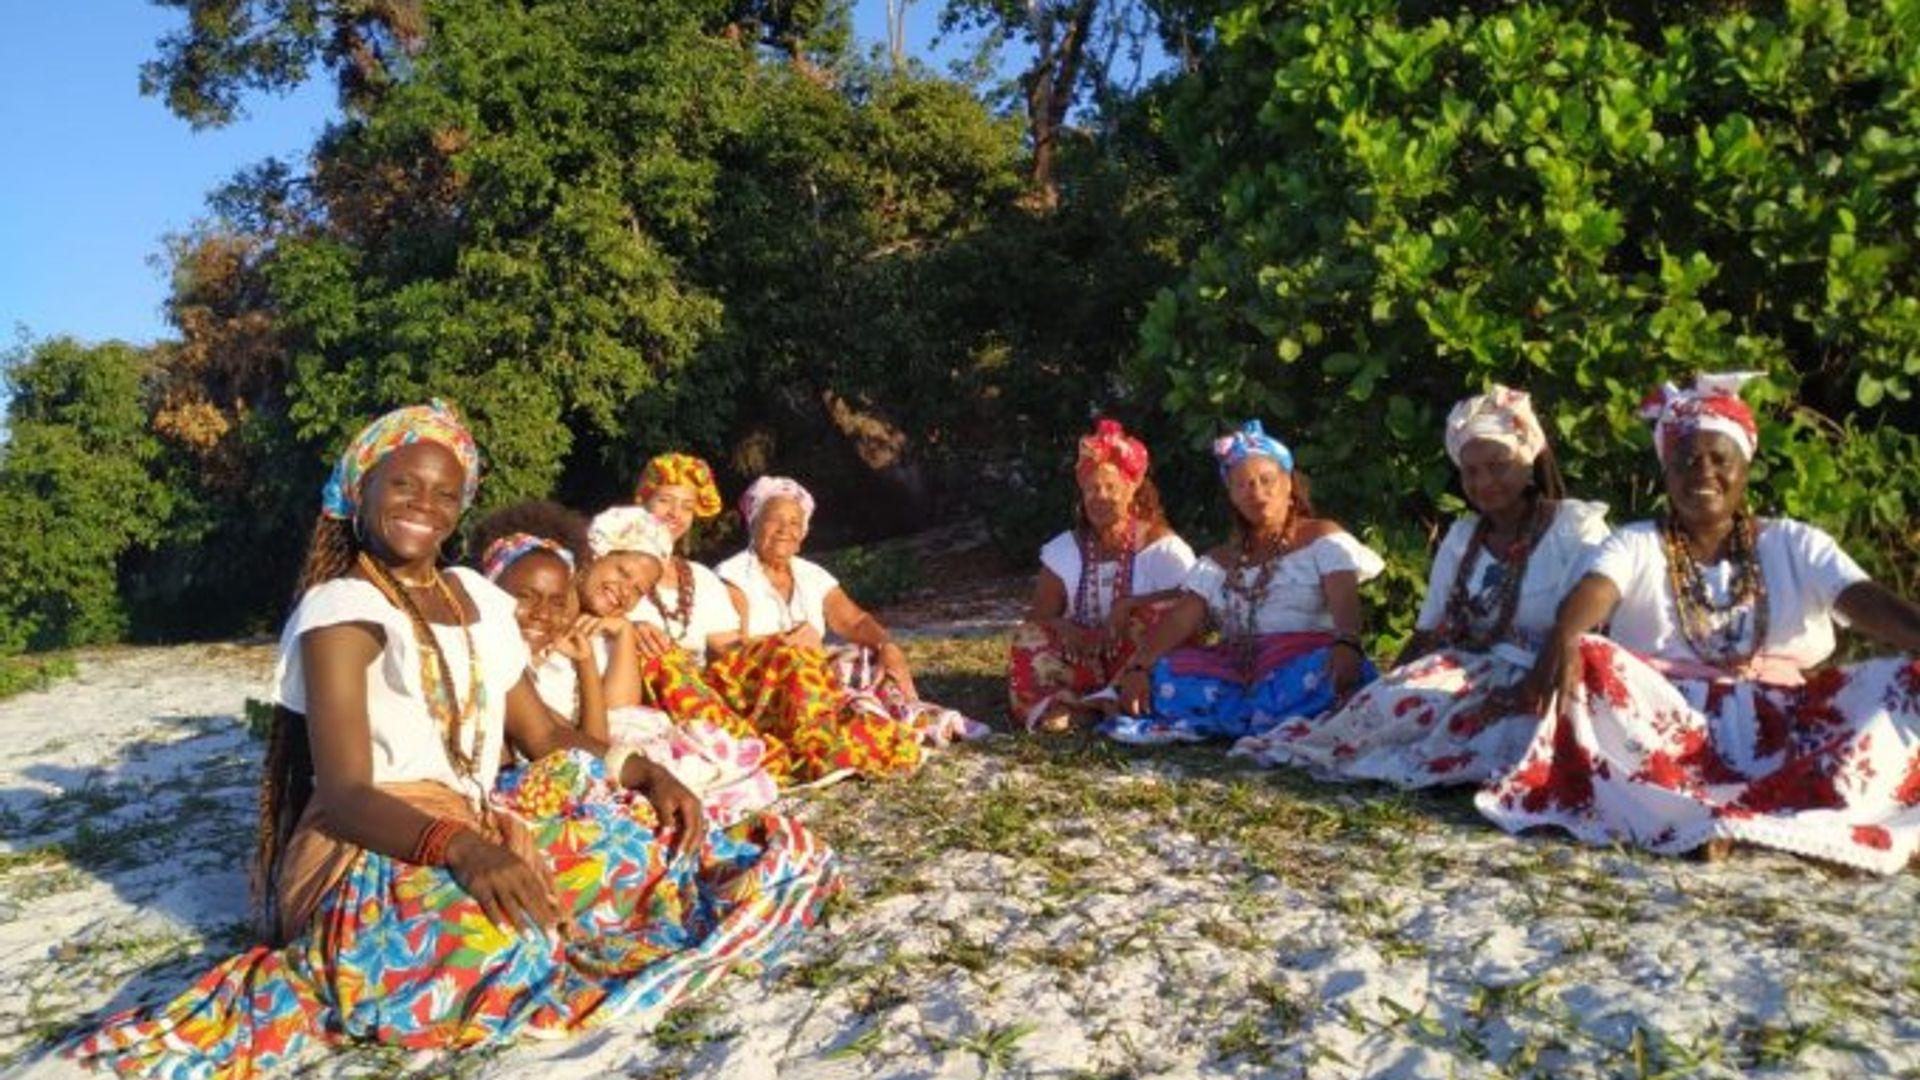 Ganhadeiras de Itapuã sentadas em semi-círculo na areia, sorriem para a câmera.